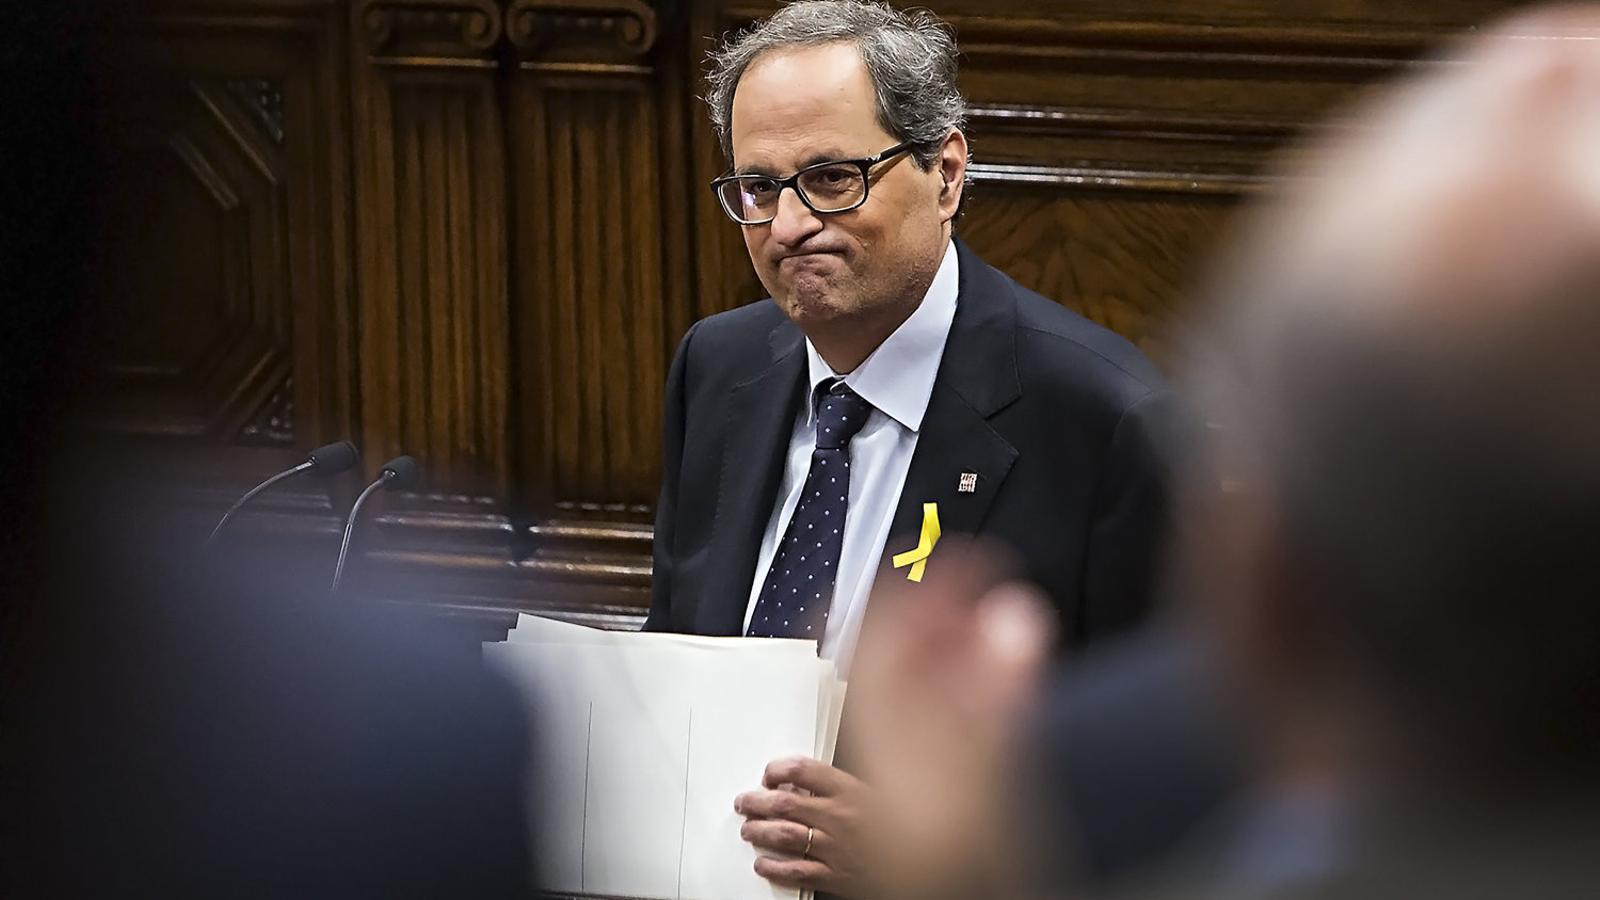 El candidat a la presidència de la Generalitat, Quim Torra, va preparar un discurs amb fins a 14 cites, sobretot de persones vinculades al món de la cultura.